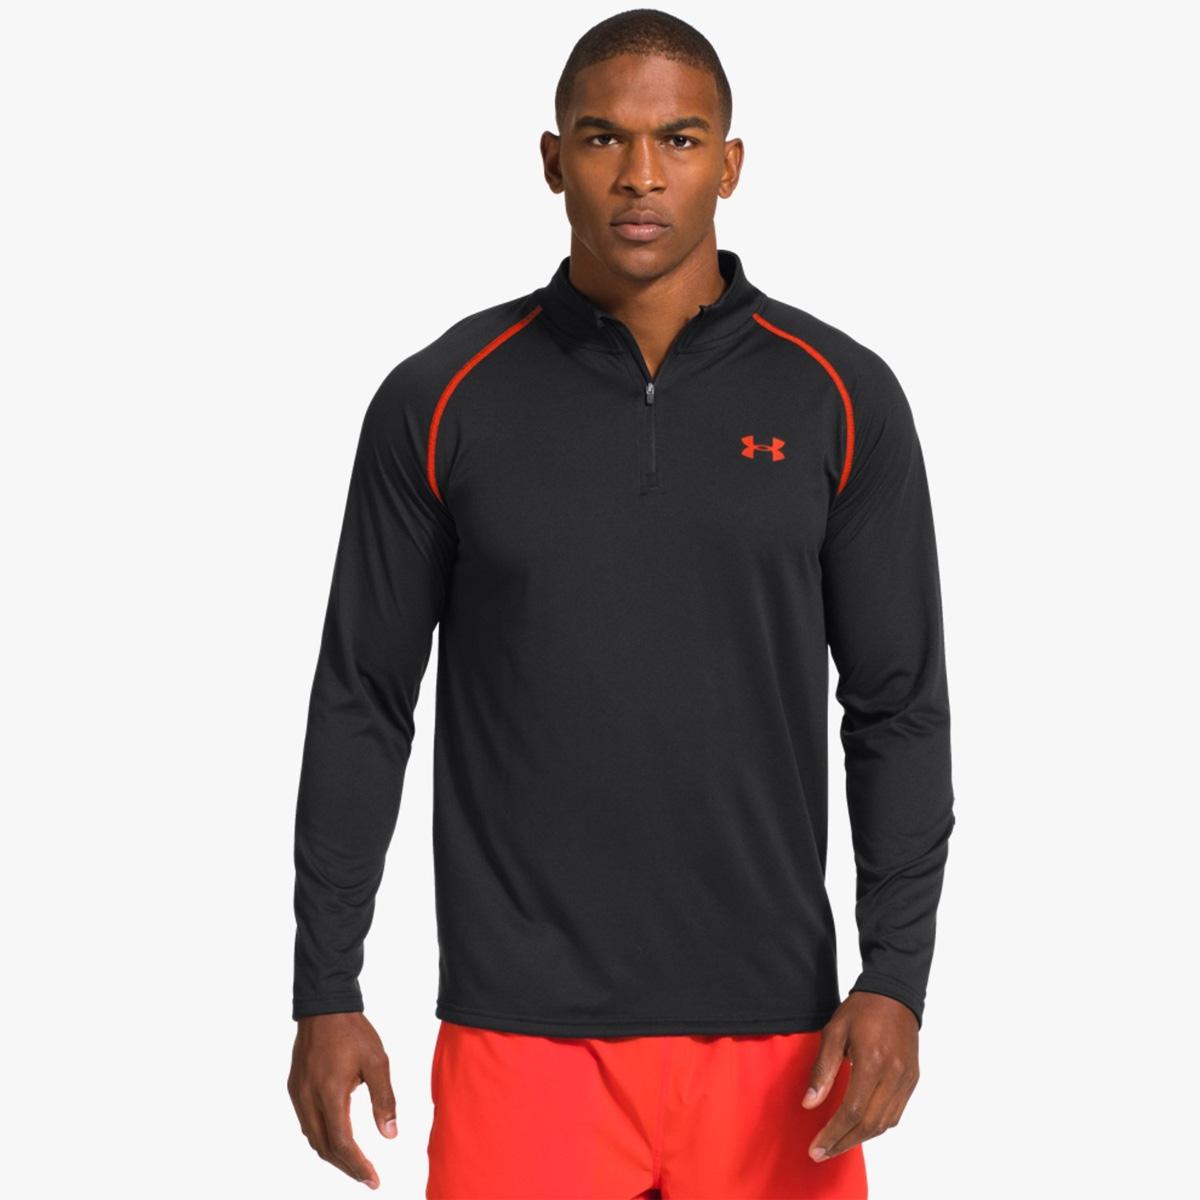 under armour 1 4 zip top. image of under armour heatgear tech 1/4 zip shirt - black / volcano 1 4 top